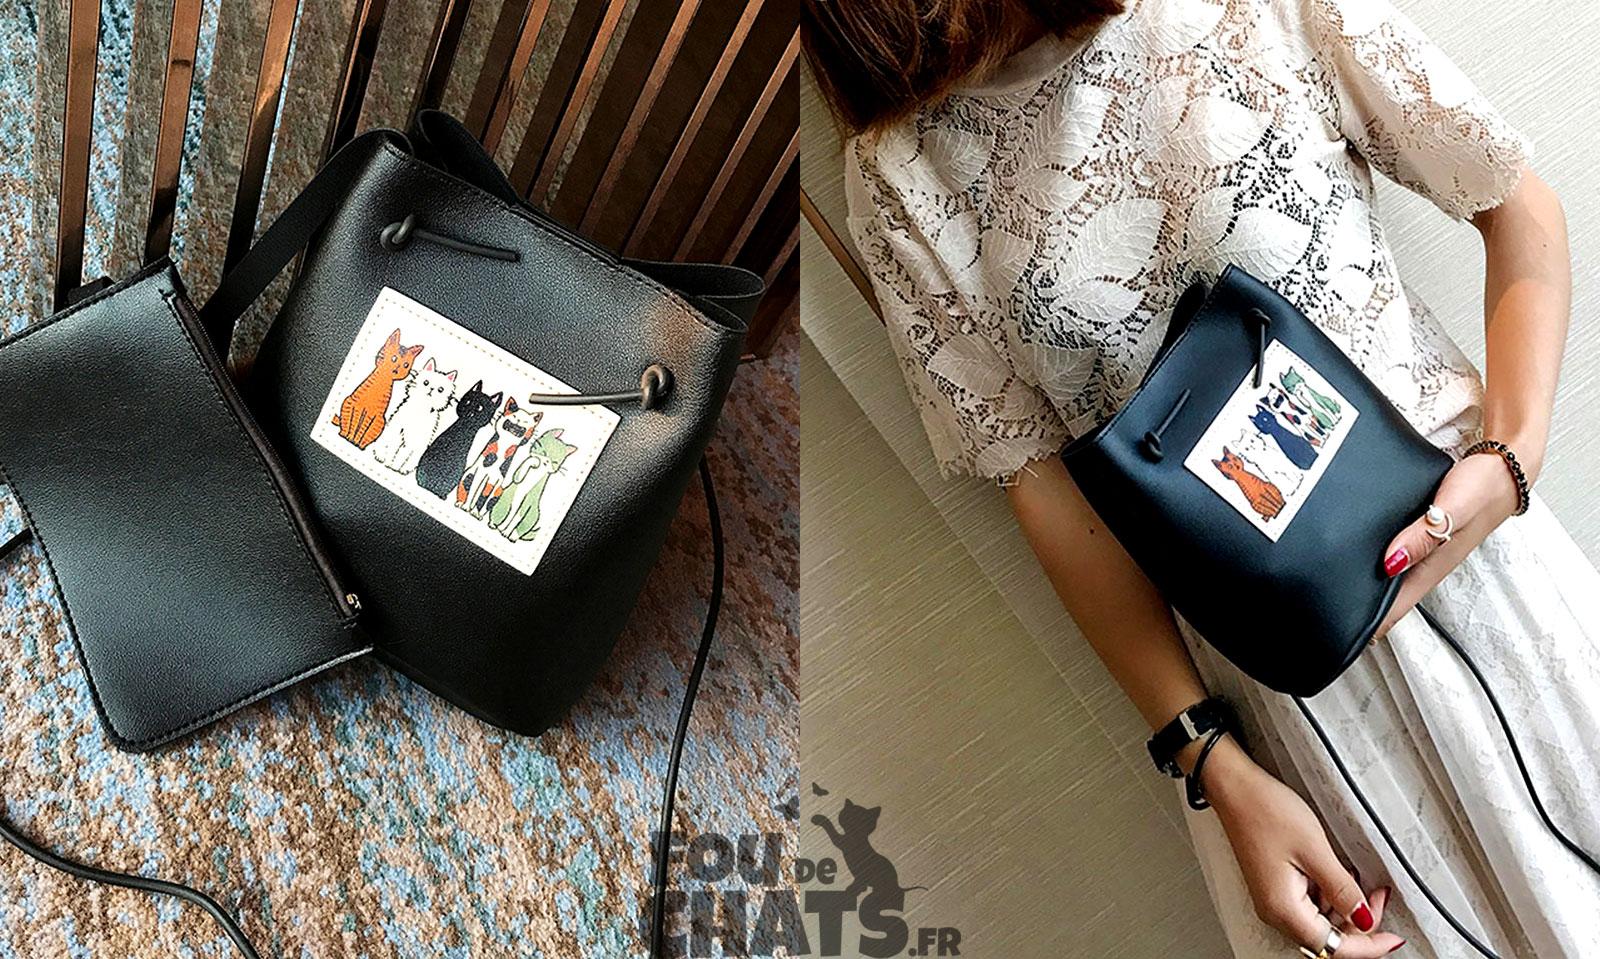 3be1805433 ... 2 en 1 : Pochette sac et son sac à main. Grâce à l'attache qui relie le  sac à main chat et la pochette sac, le risque de perdre ses affaires  n'existe ...